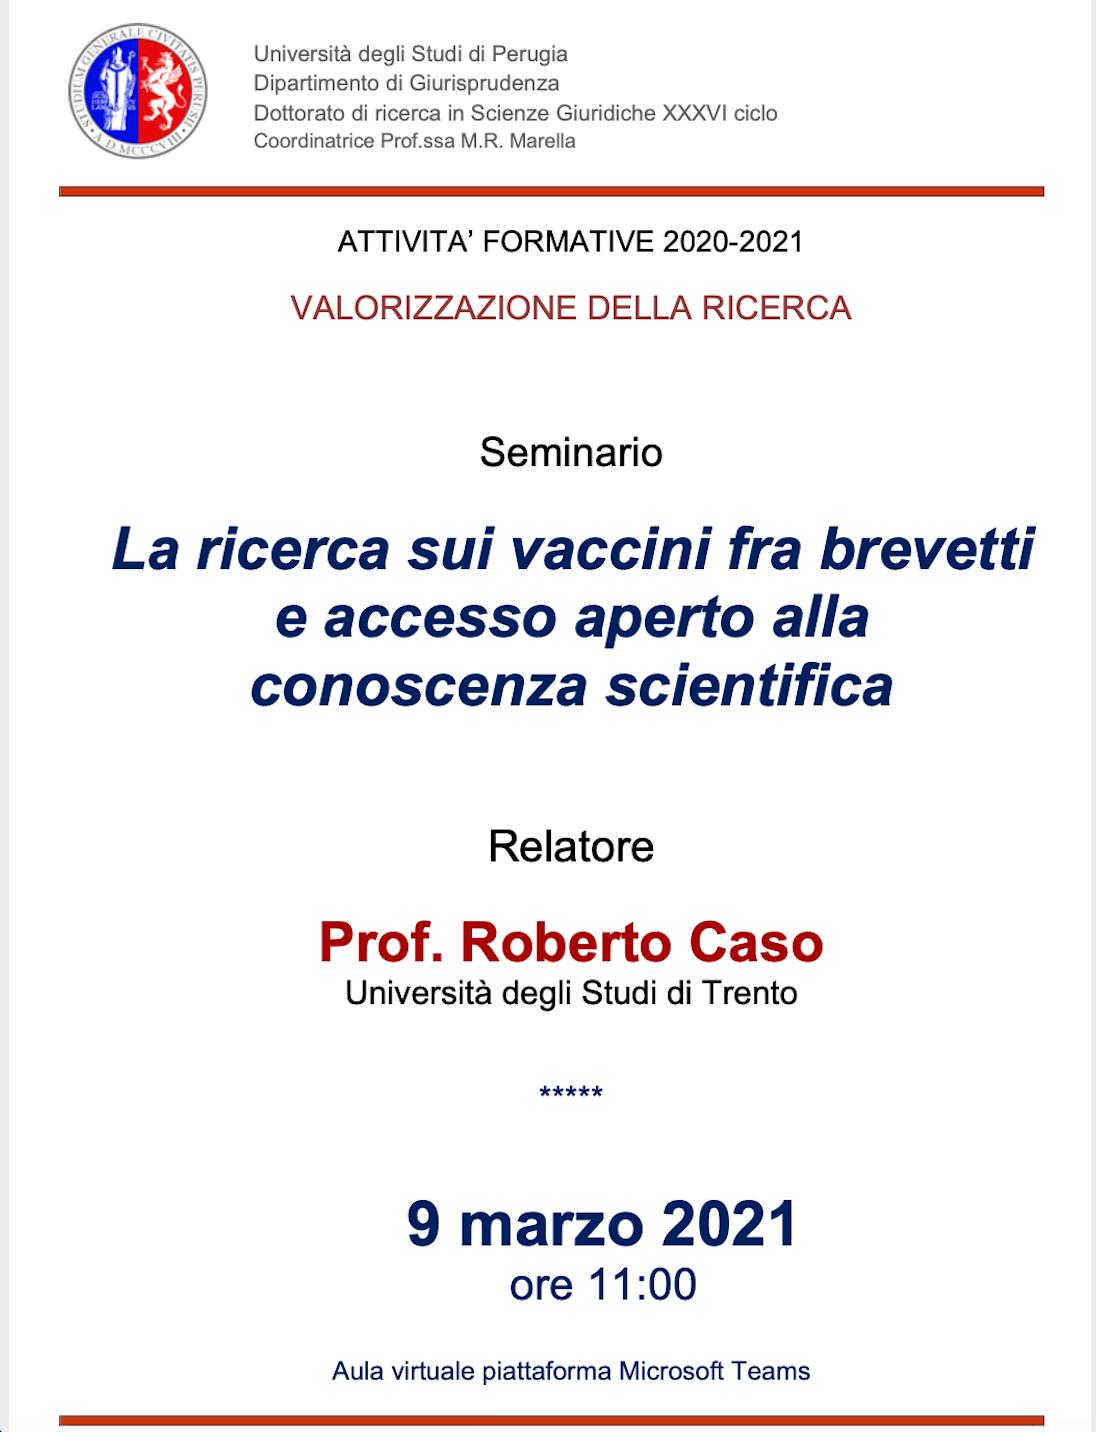 La ricerca sui vaccini tra brevetti e accesso aperto alla conoscenza scientifica